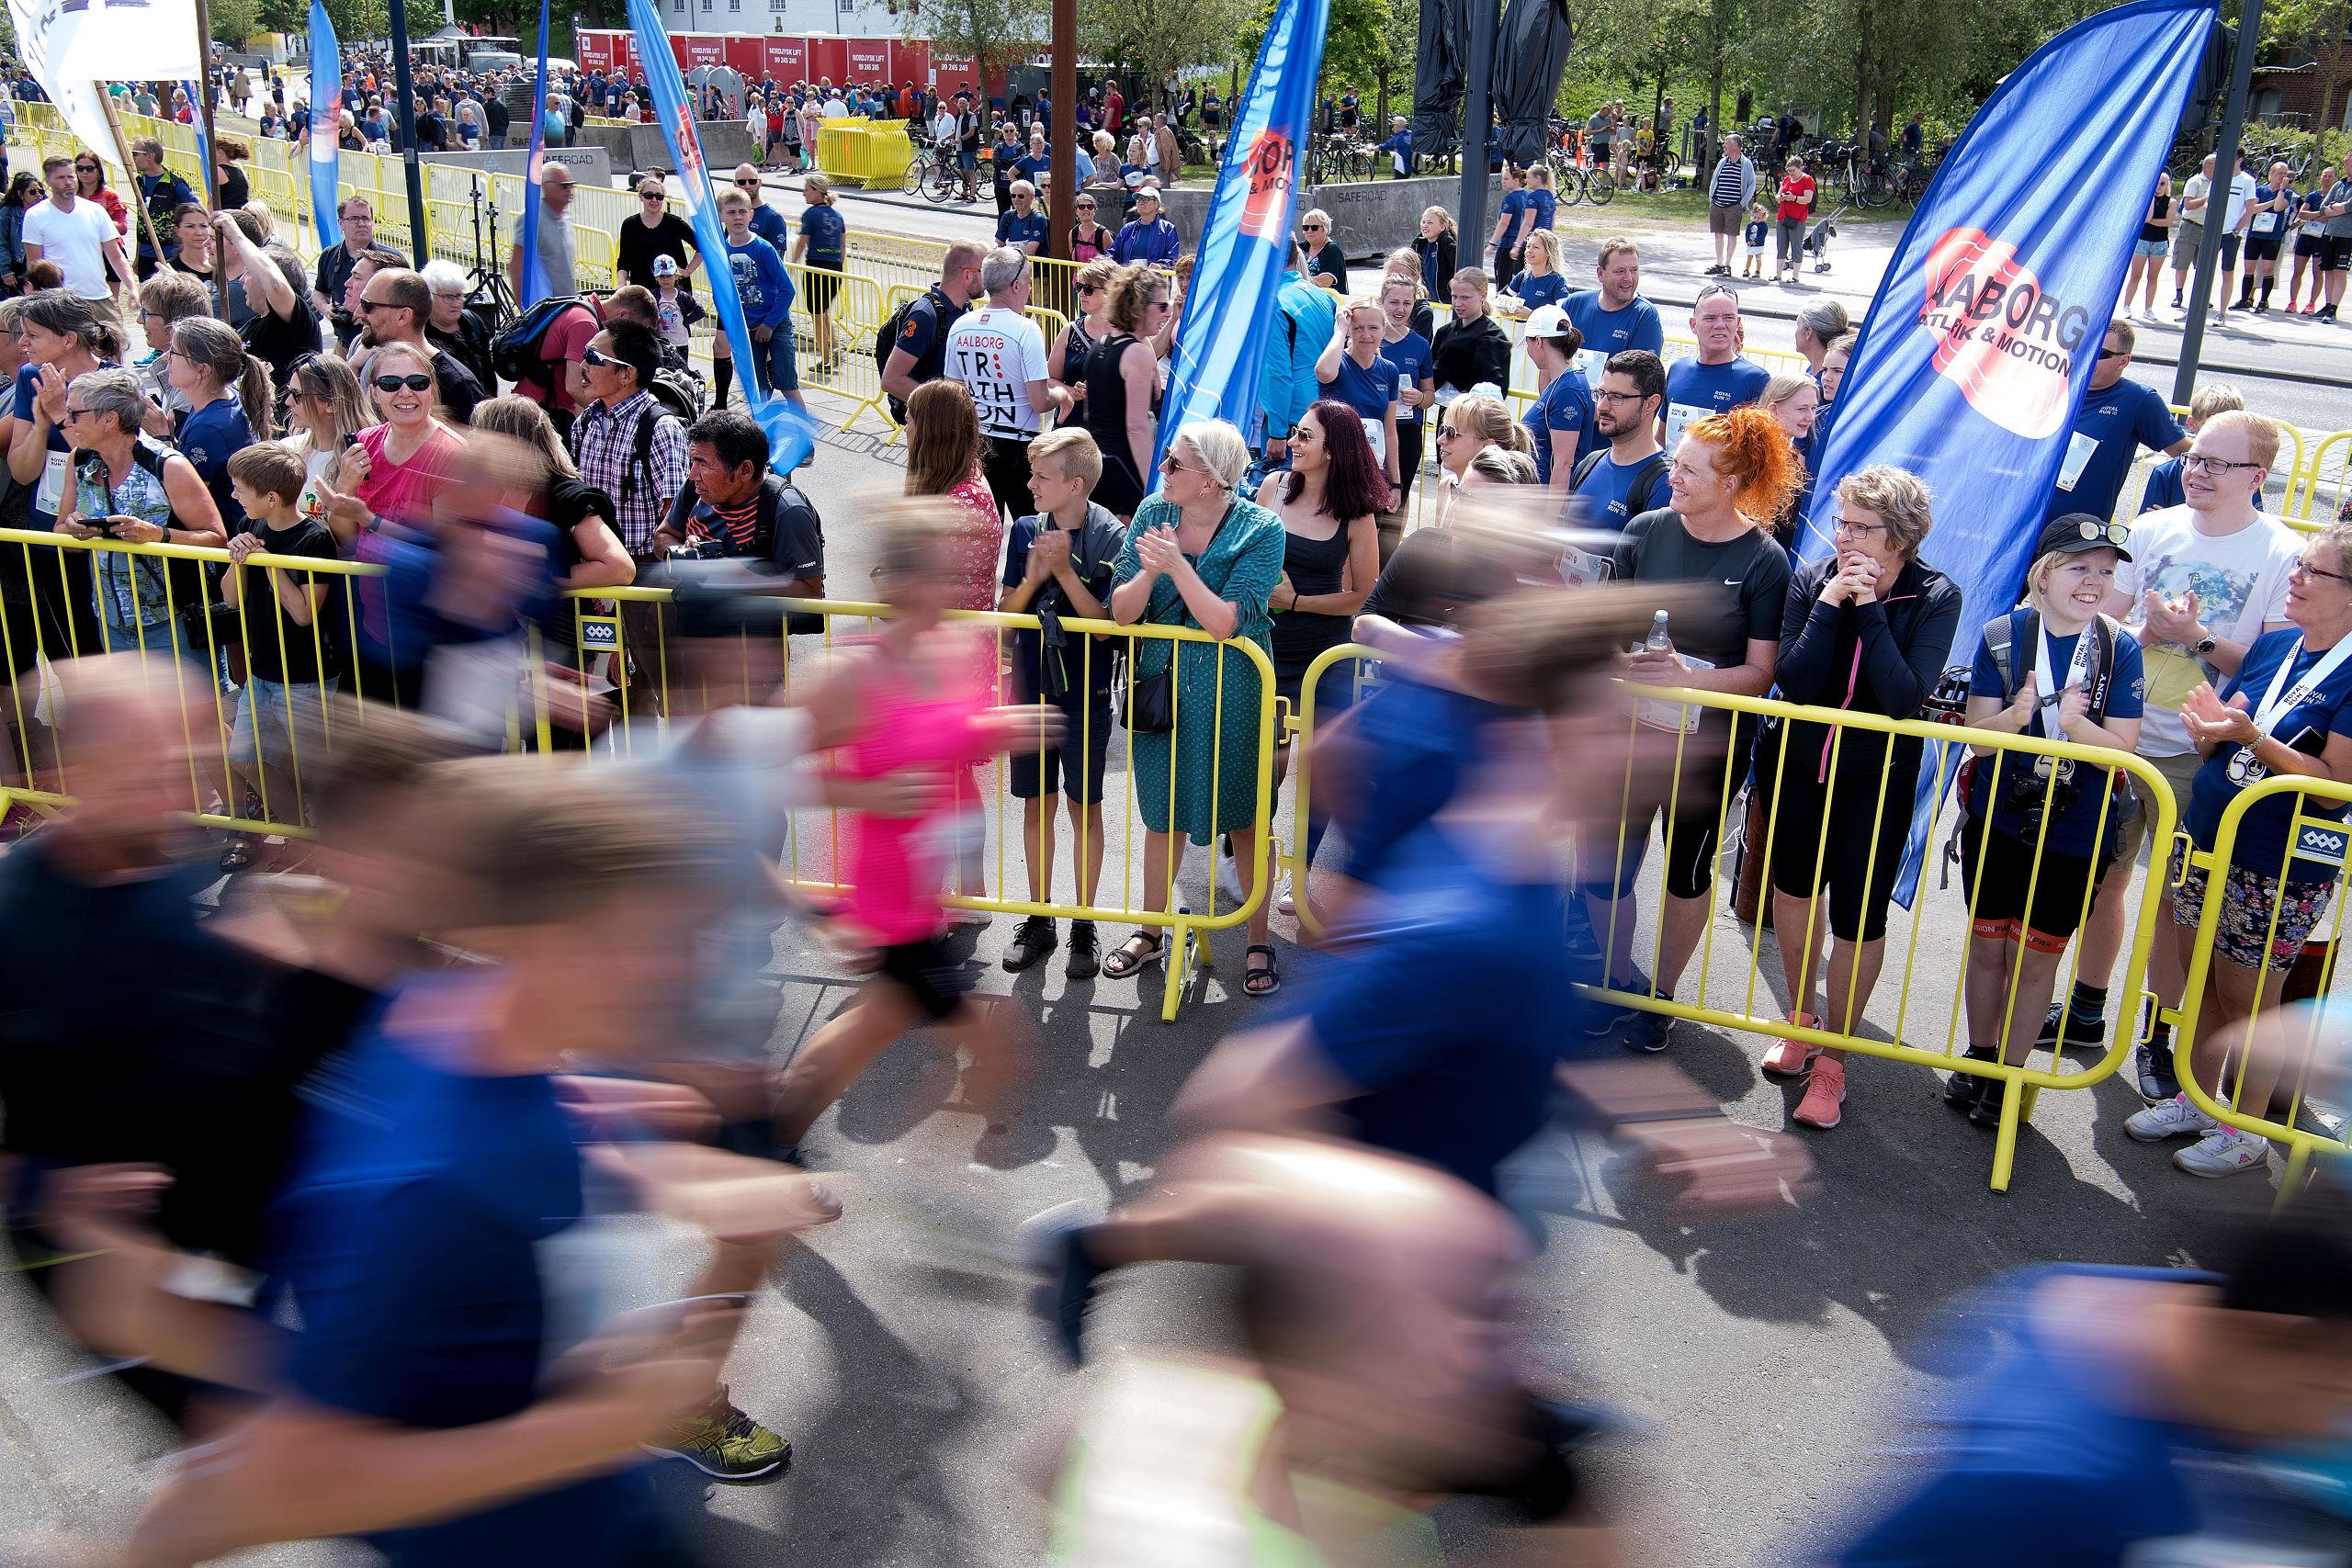 Royal Run er yderst populært - og byens kirker vil også gerne bakke op om arrangementet. Arkivfoto: Torben Hansen